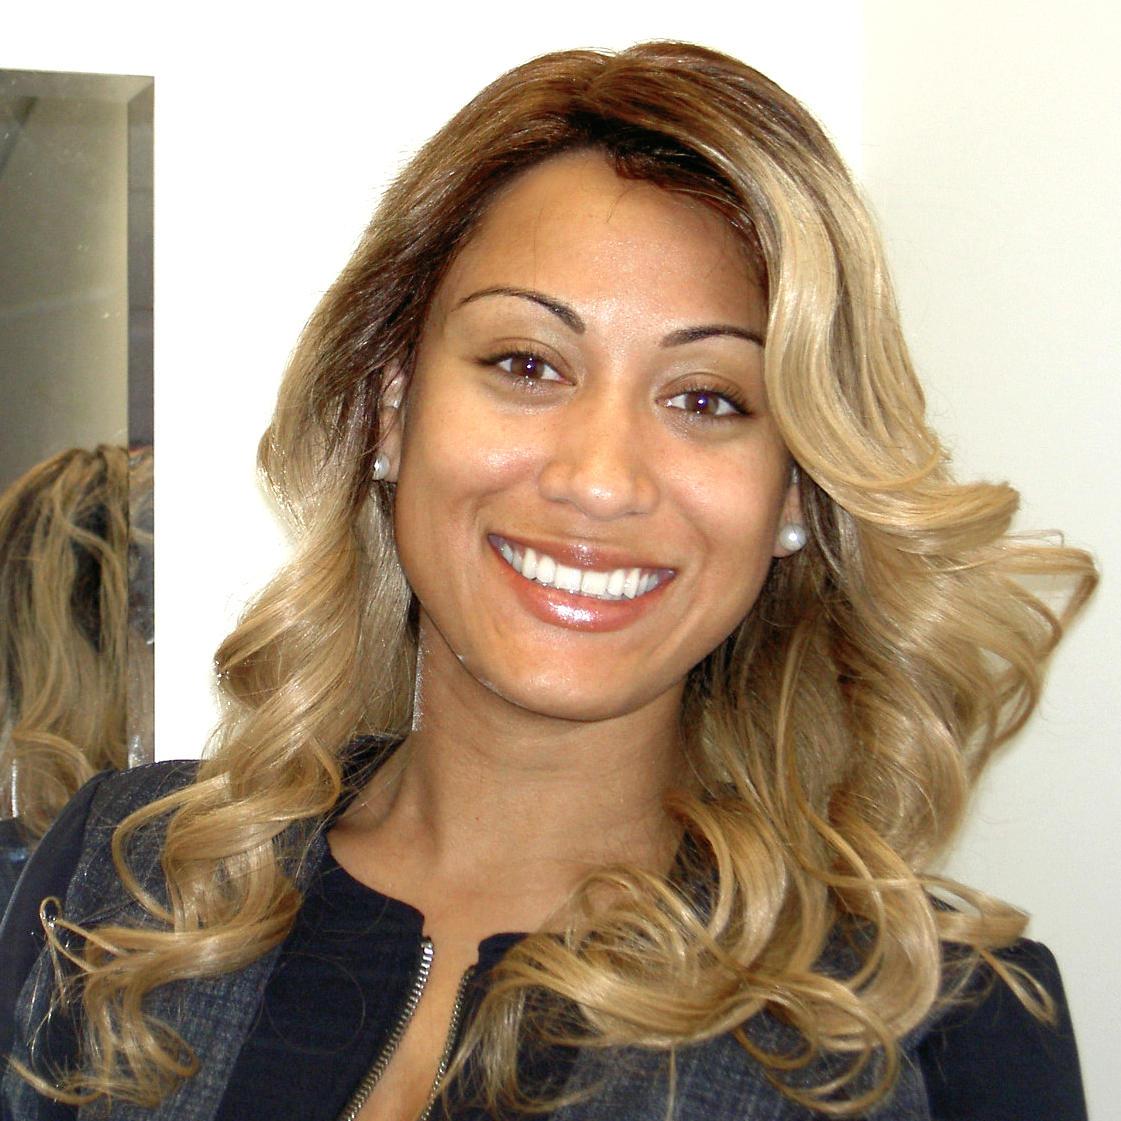 Shop Lace Wigs image 21